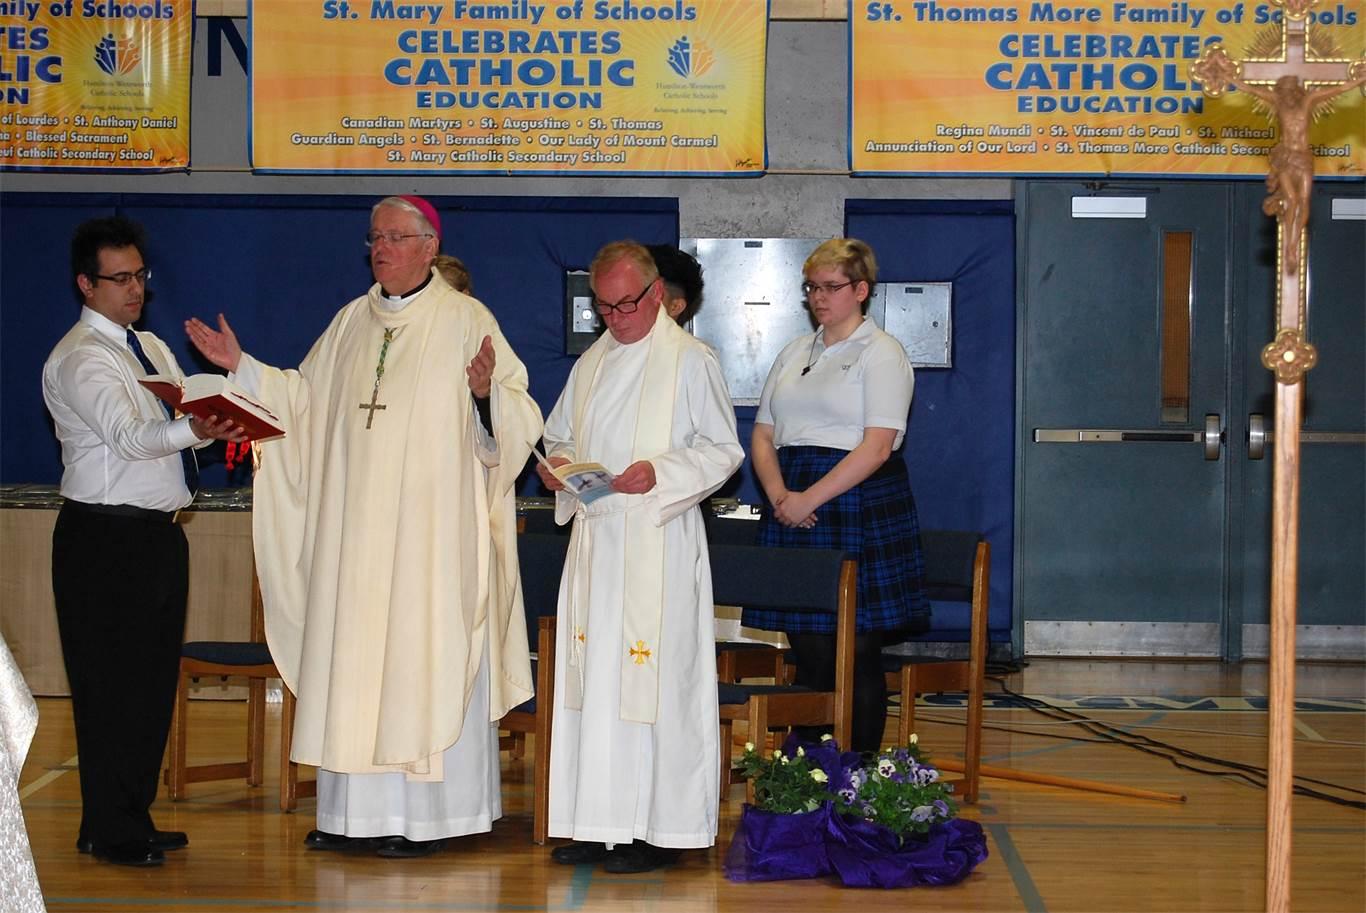 celebrating catholic education week opening doors mercy